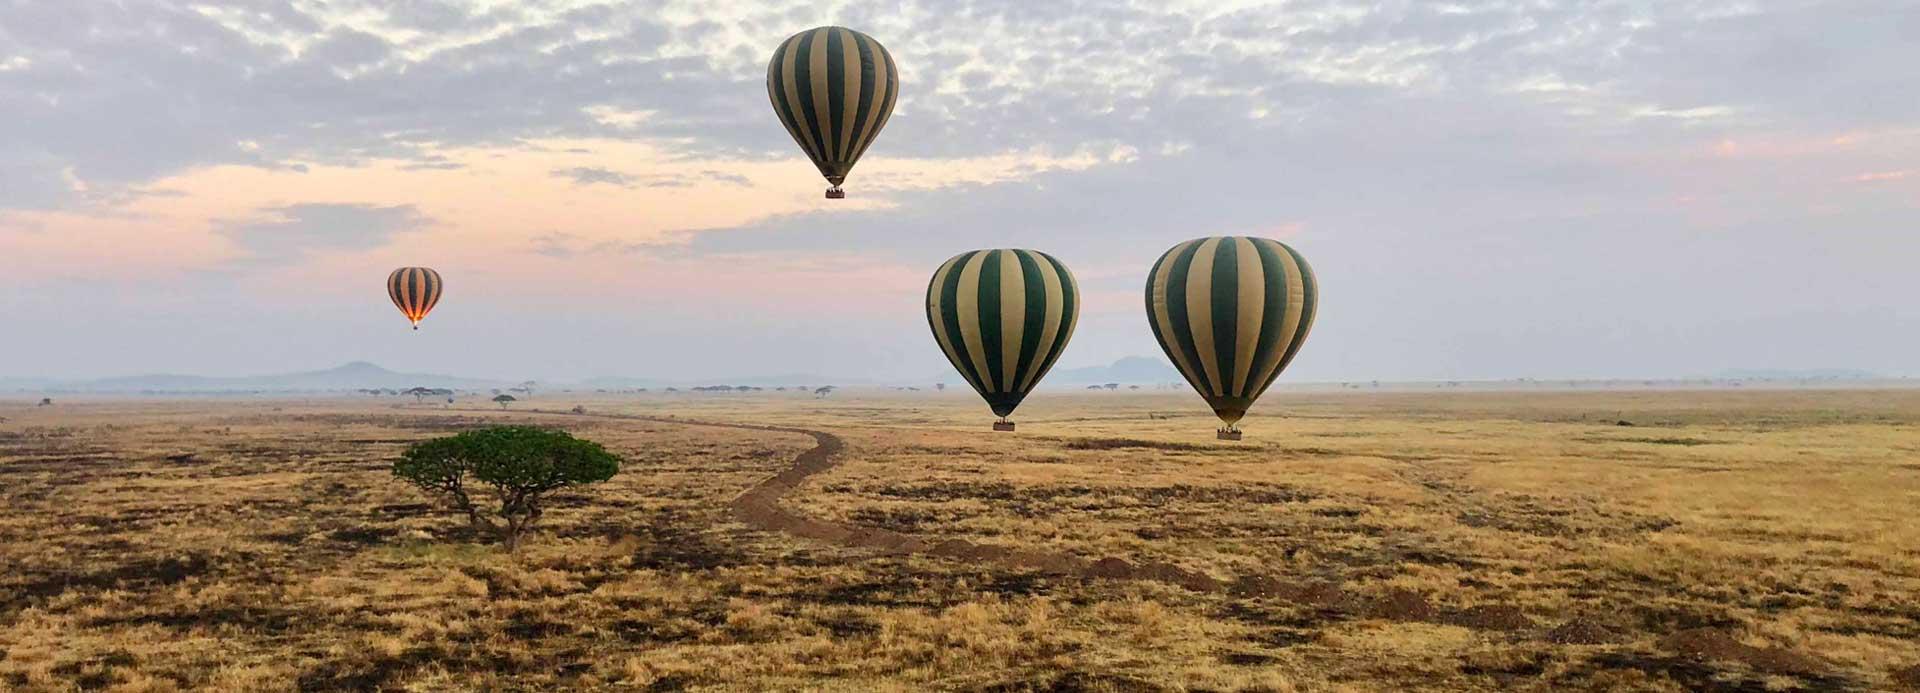 Hot Air Balloon Ride Safari